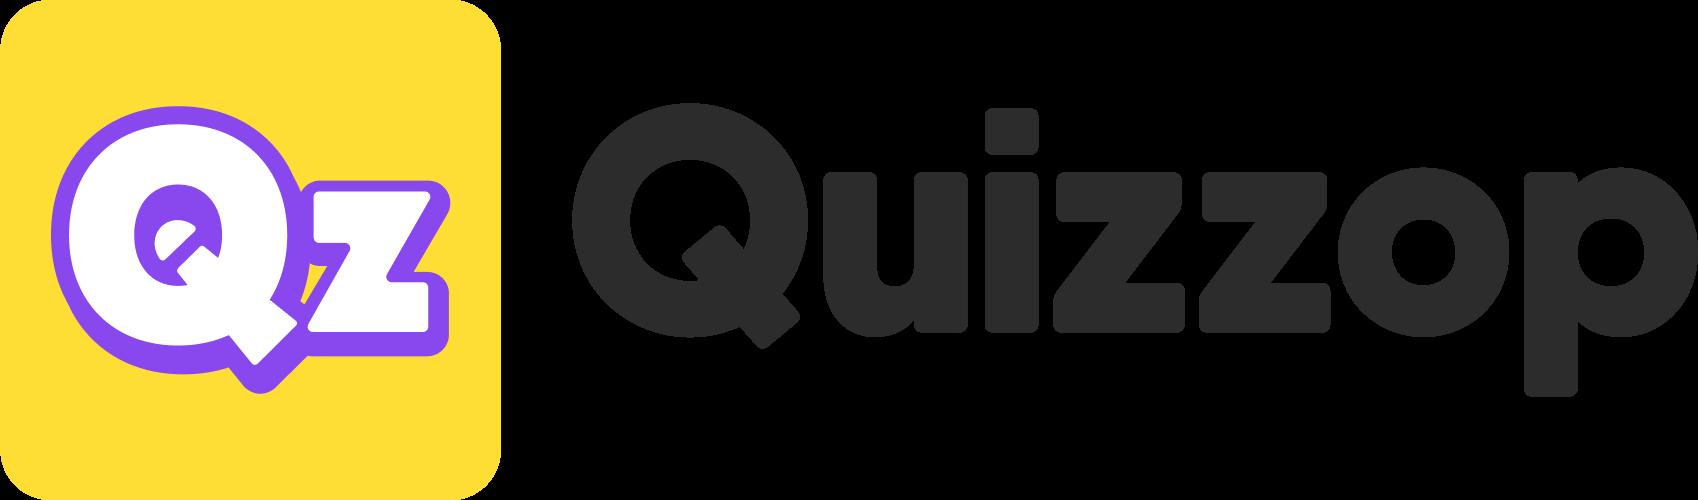 qzp-logo